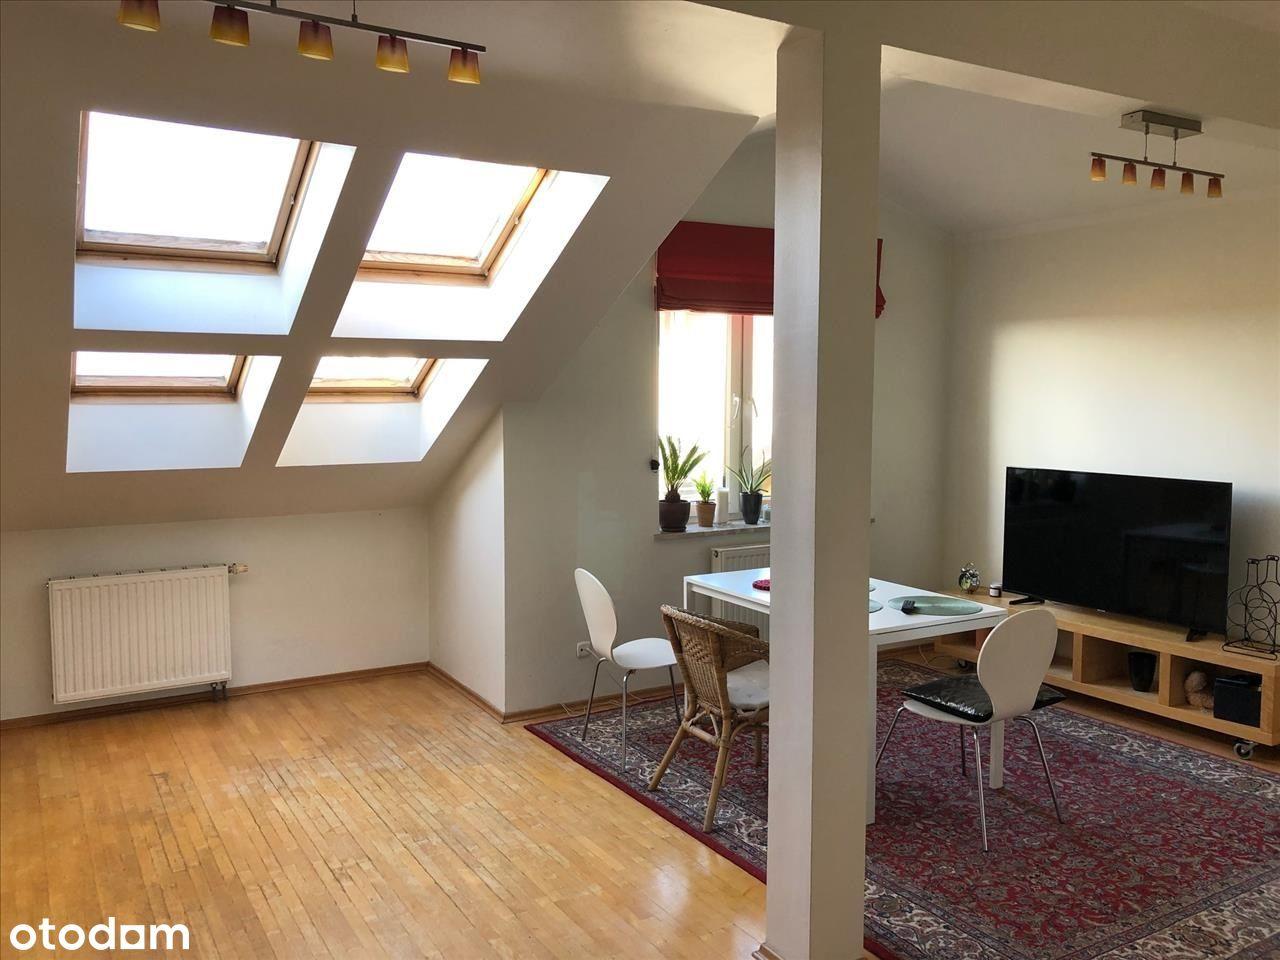 Włochy 3 pokoje 66 m2, w podłodze 74 m2